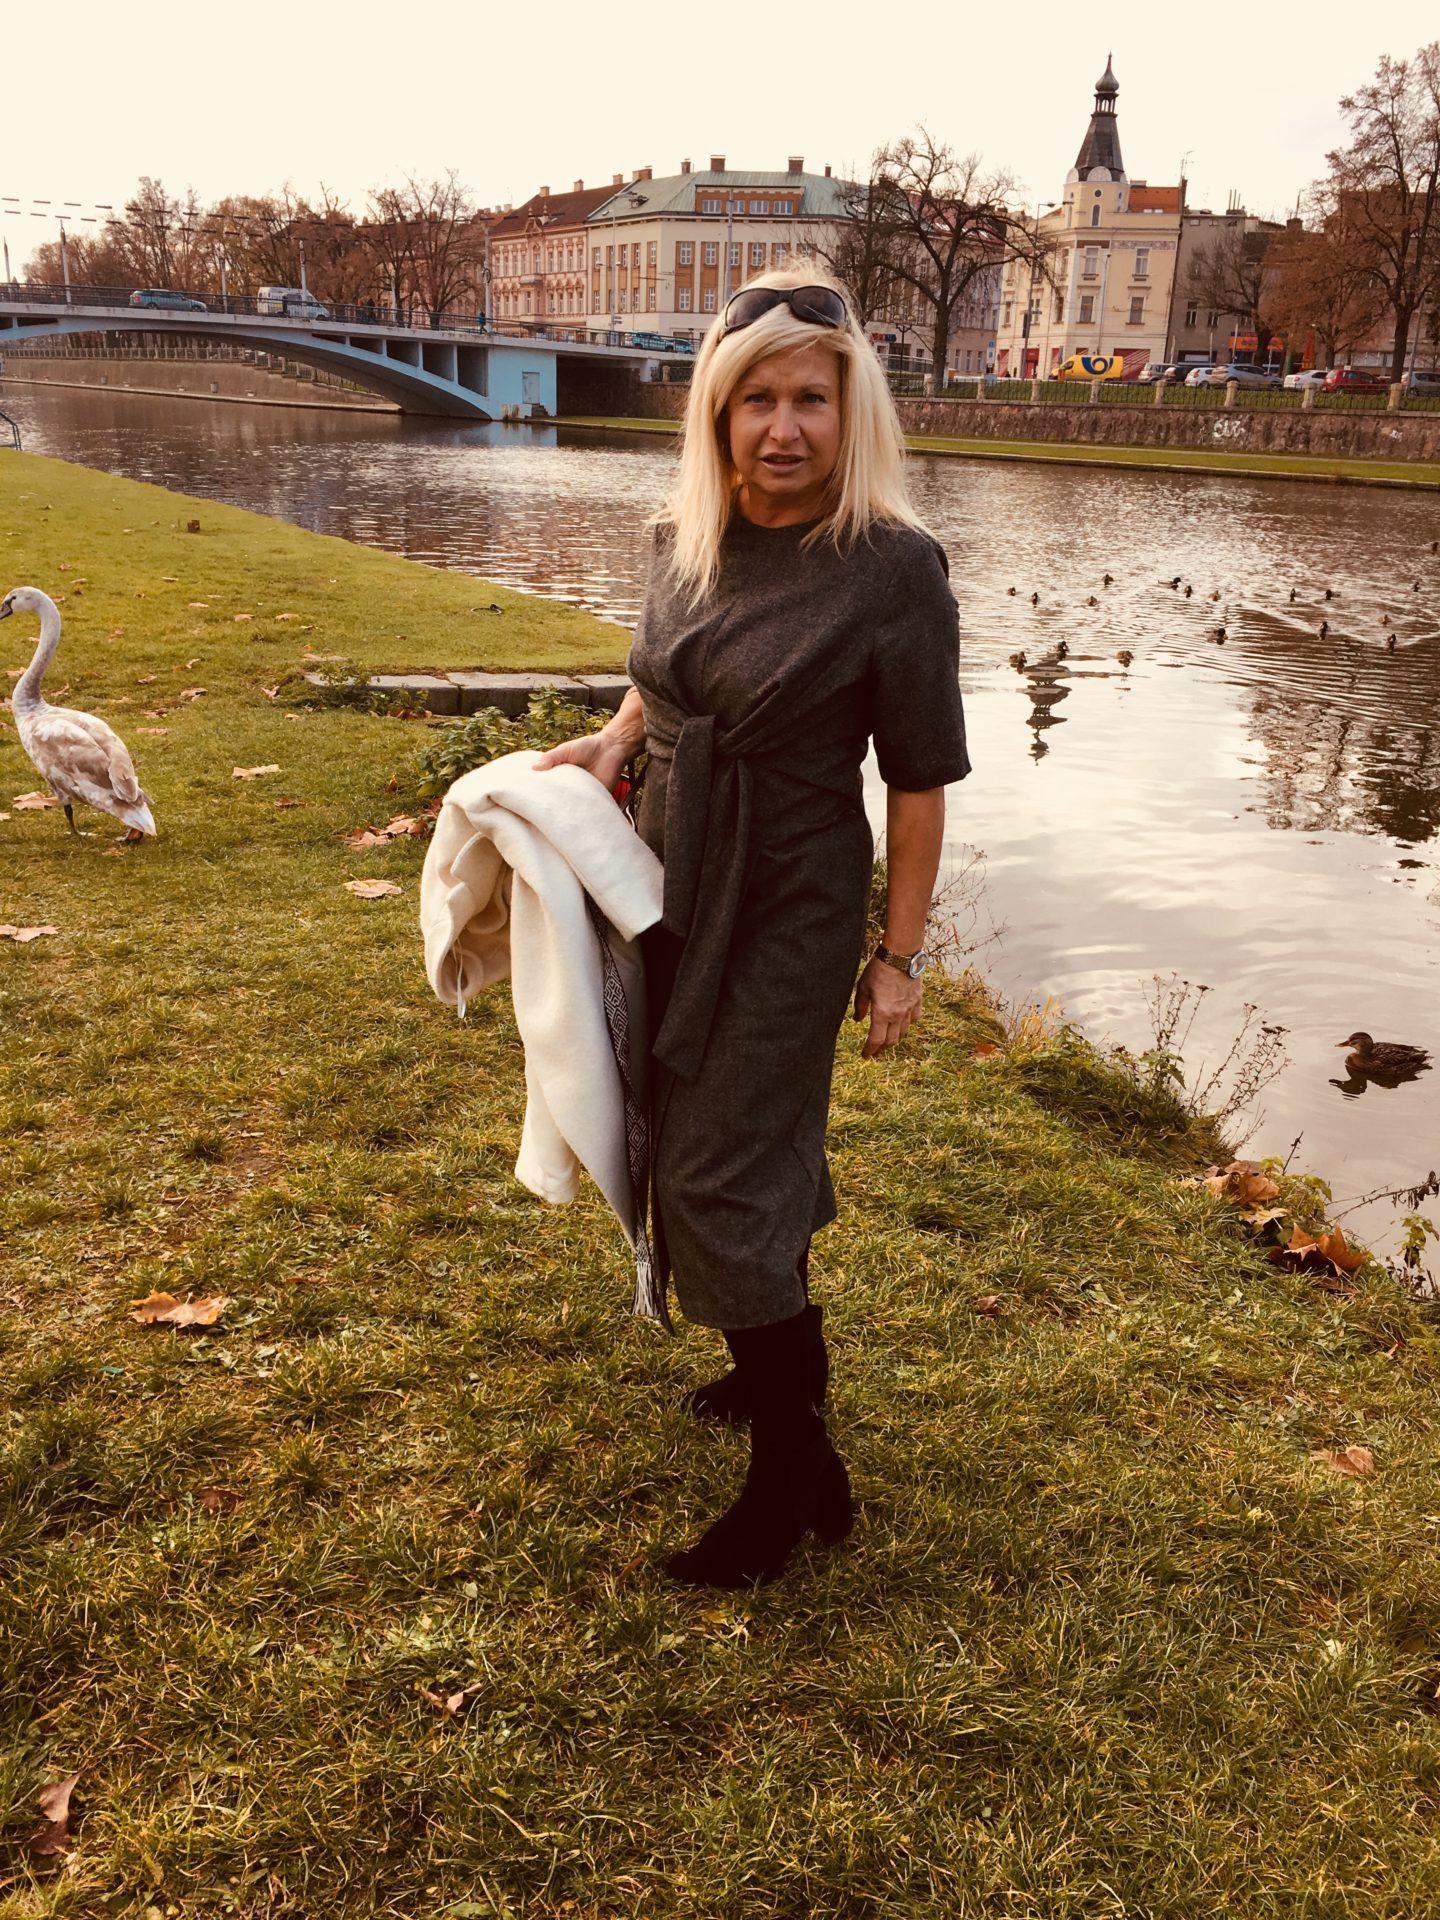 Šaty a labutě – Dáša Vránová fashion blog a9200a6cea